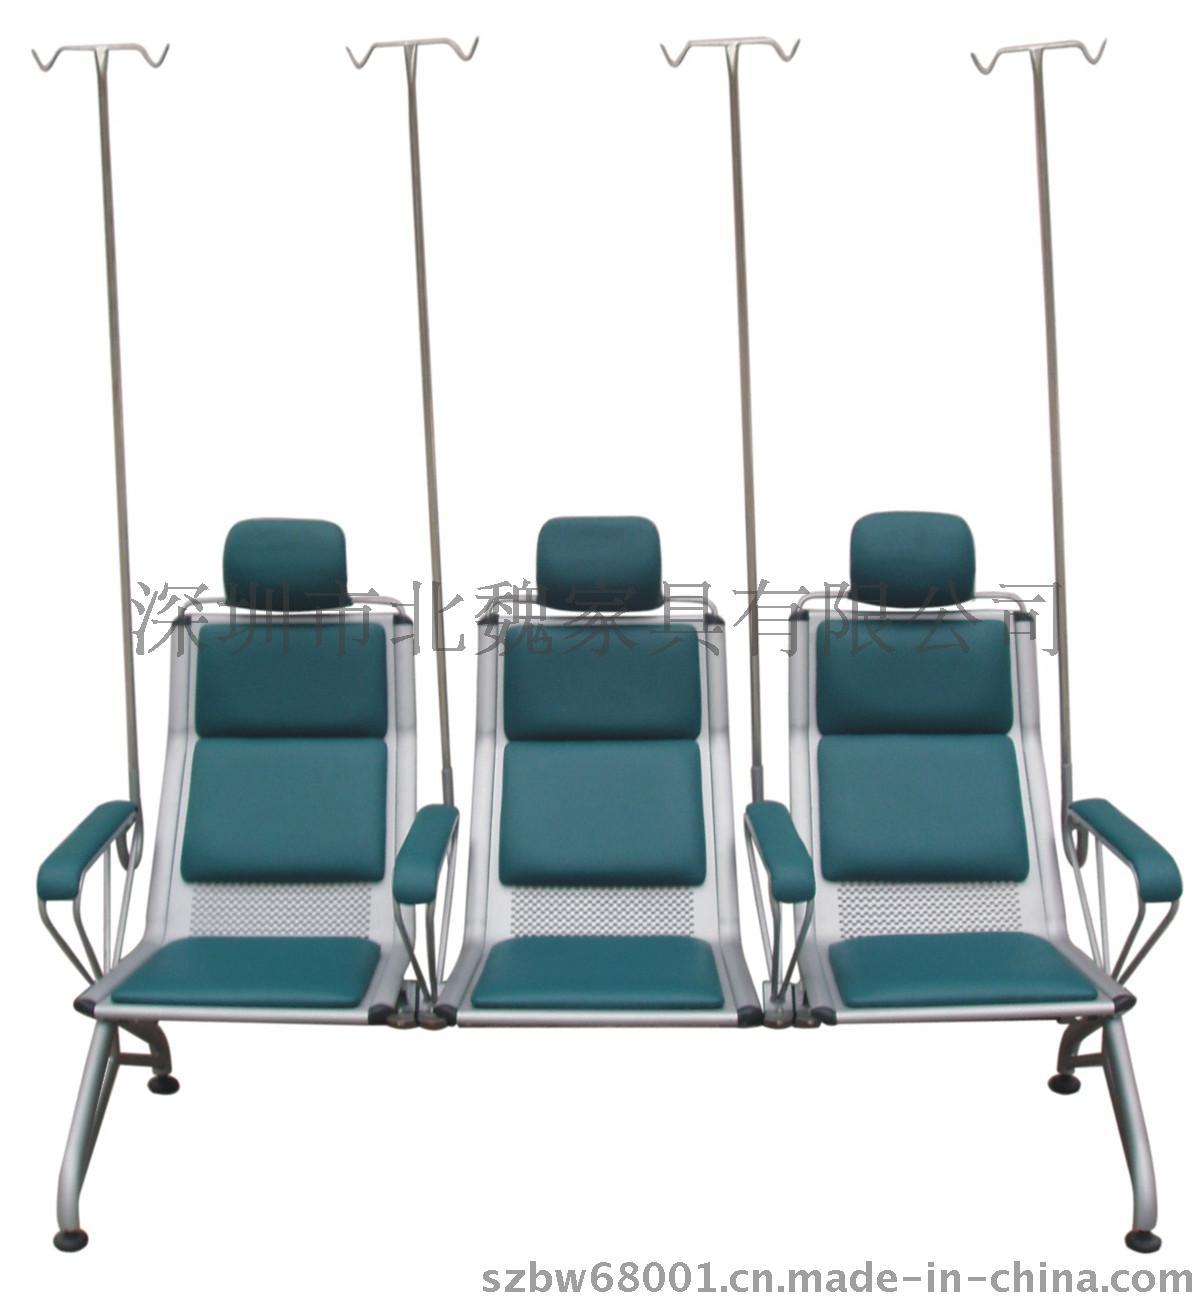 医用输液椅、医用吊针椅、医用挂水椅、不锈钢输液椅、输液椅价格、医院输液椅厂家输液椅图片690176685